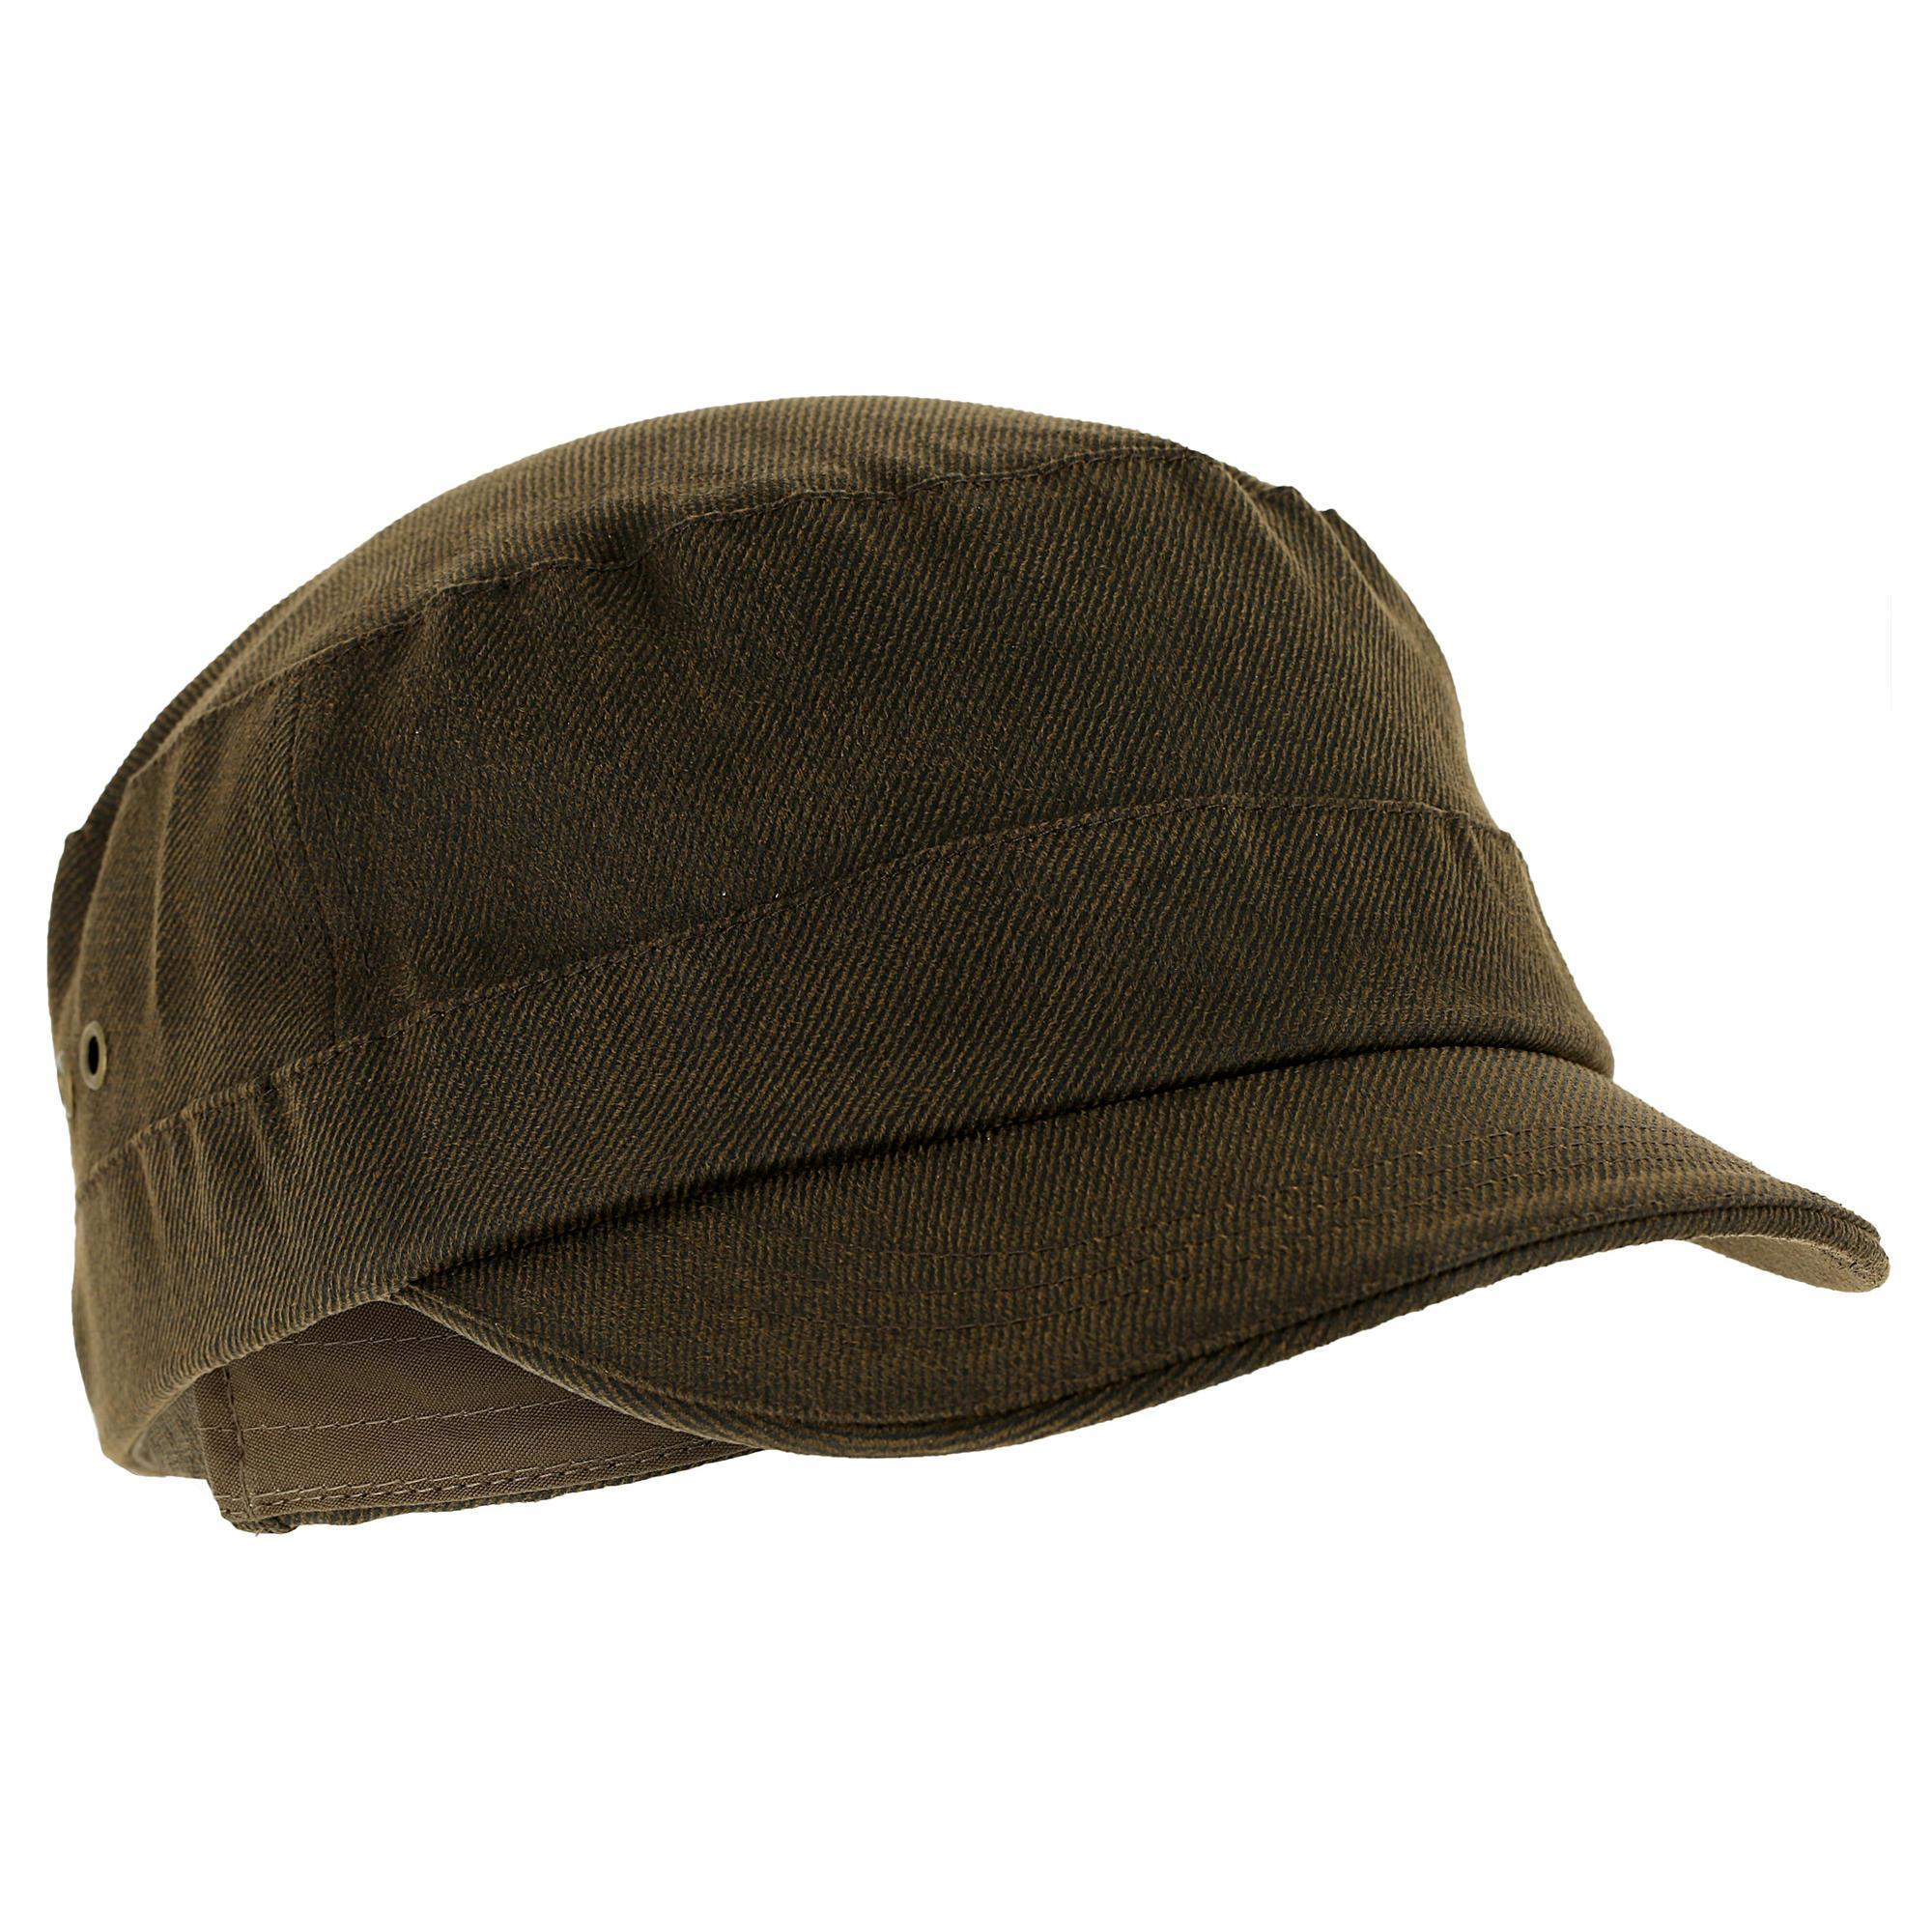 669da32318c1f Comprar Gorras y Sombreros de Equitación online